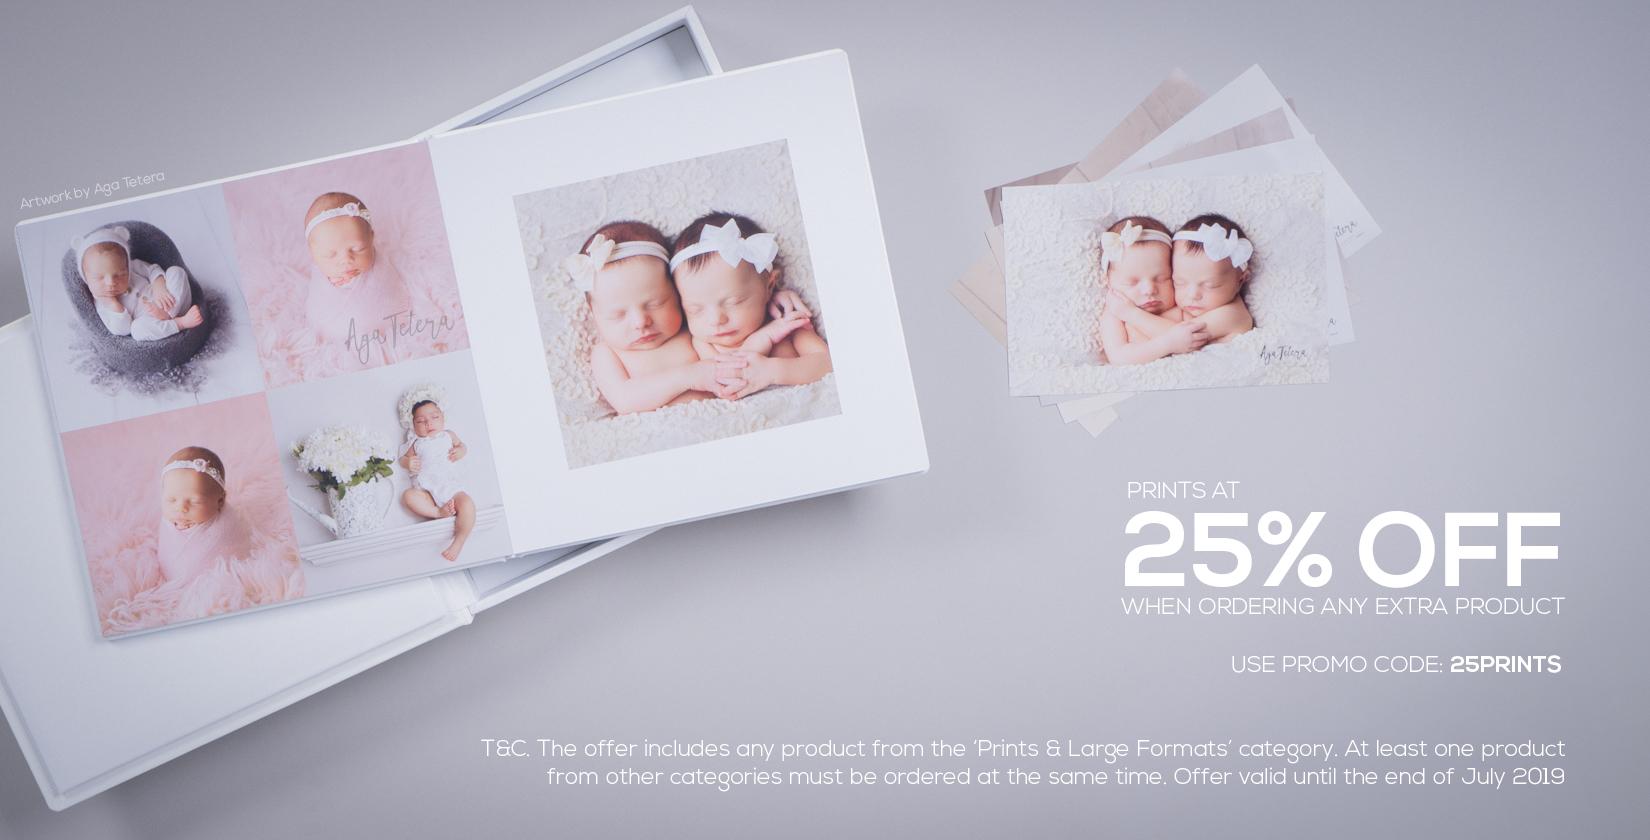 Prints promo